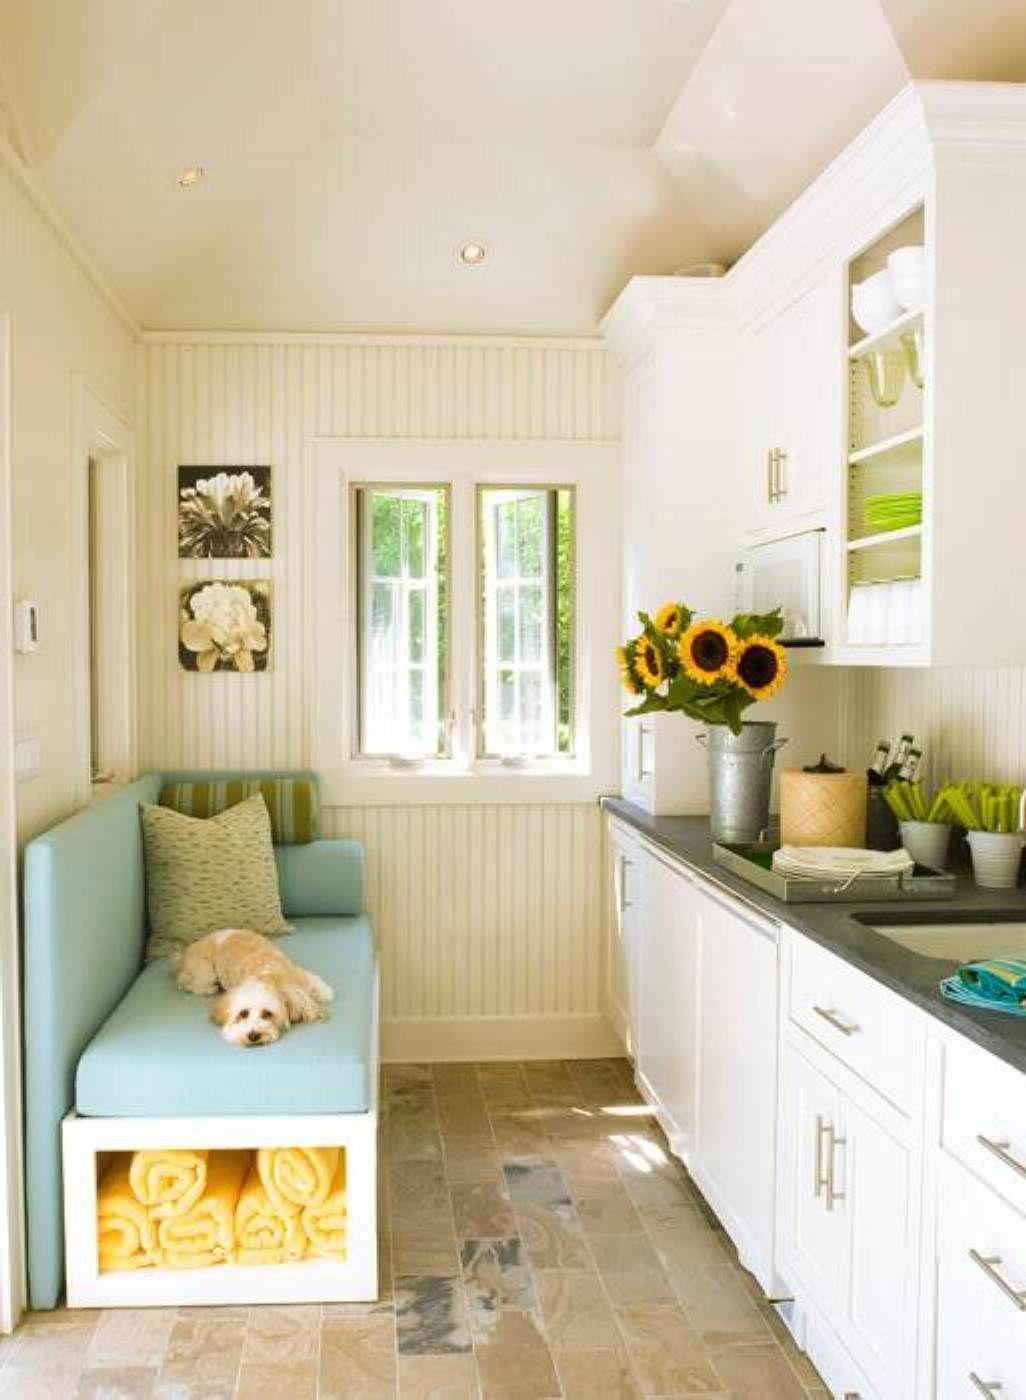 Stunning Small Kitchen Decoration Ideas | Kitchen decorations ideas ...